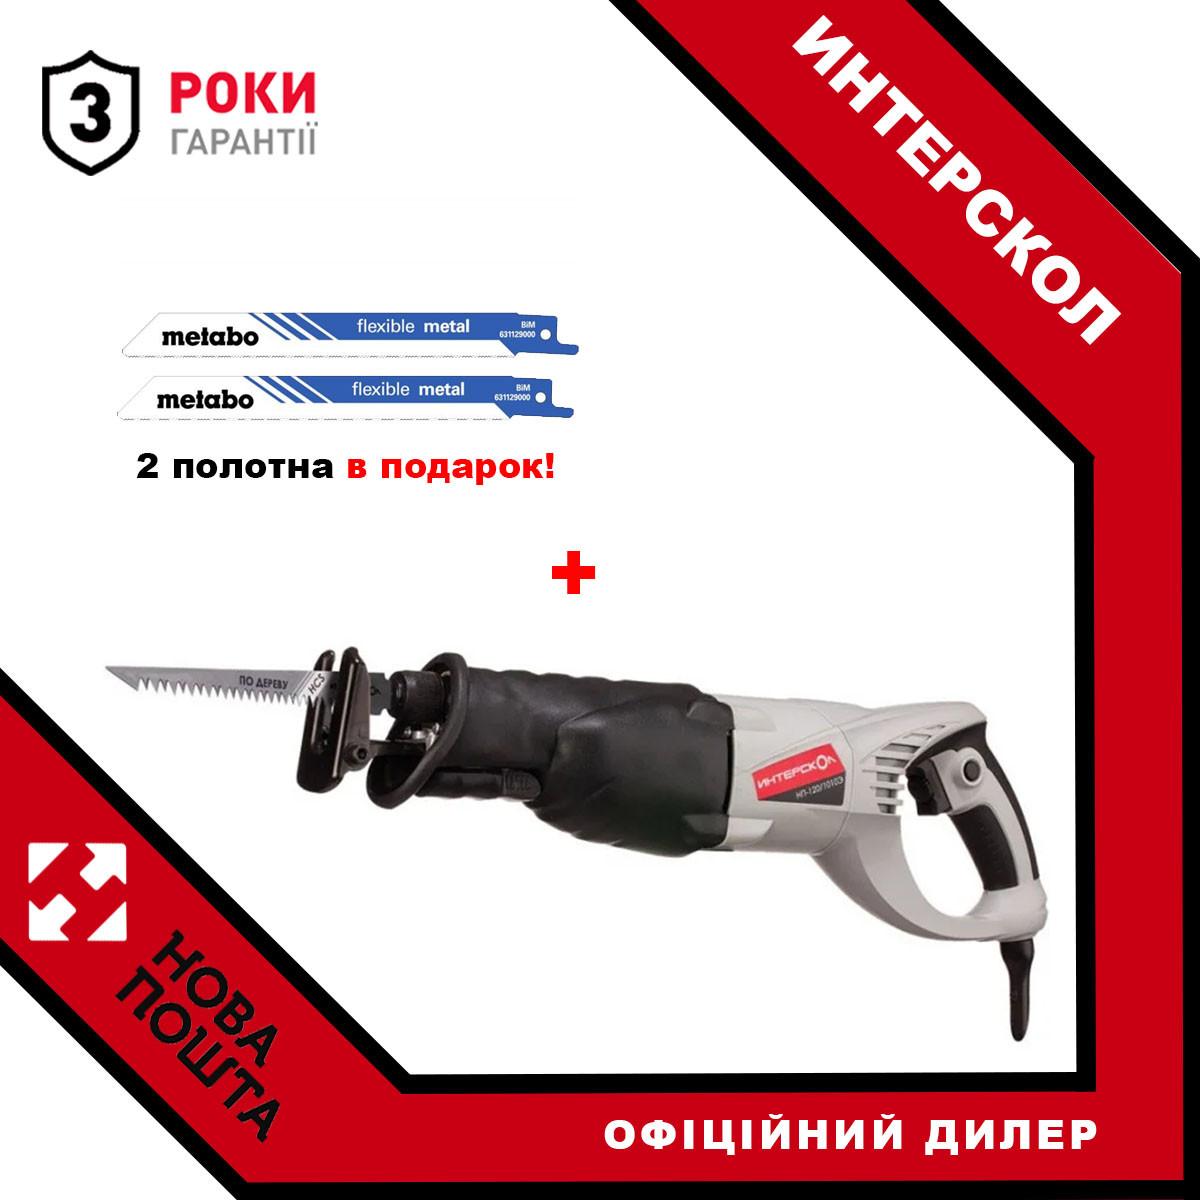 Сабельная пила Интерскол НП-120/1010Э + В подарок сабельное полотно - 2шт